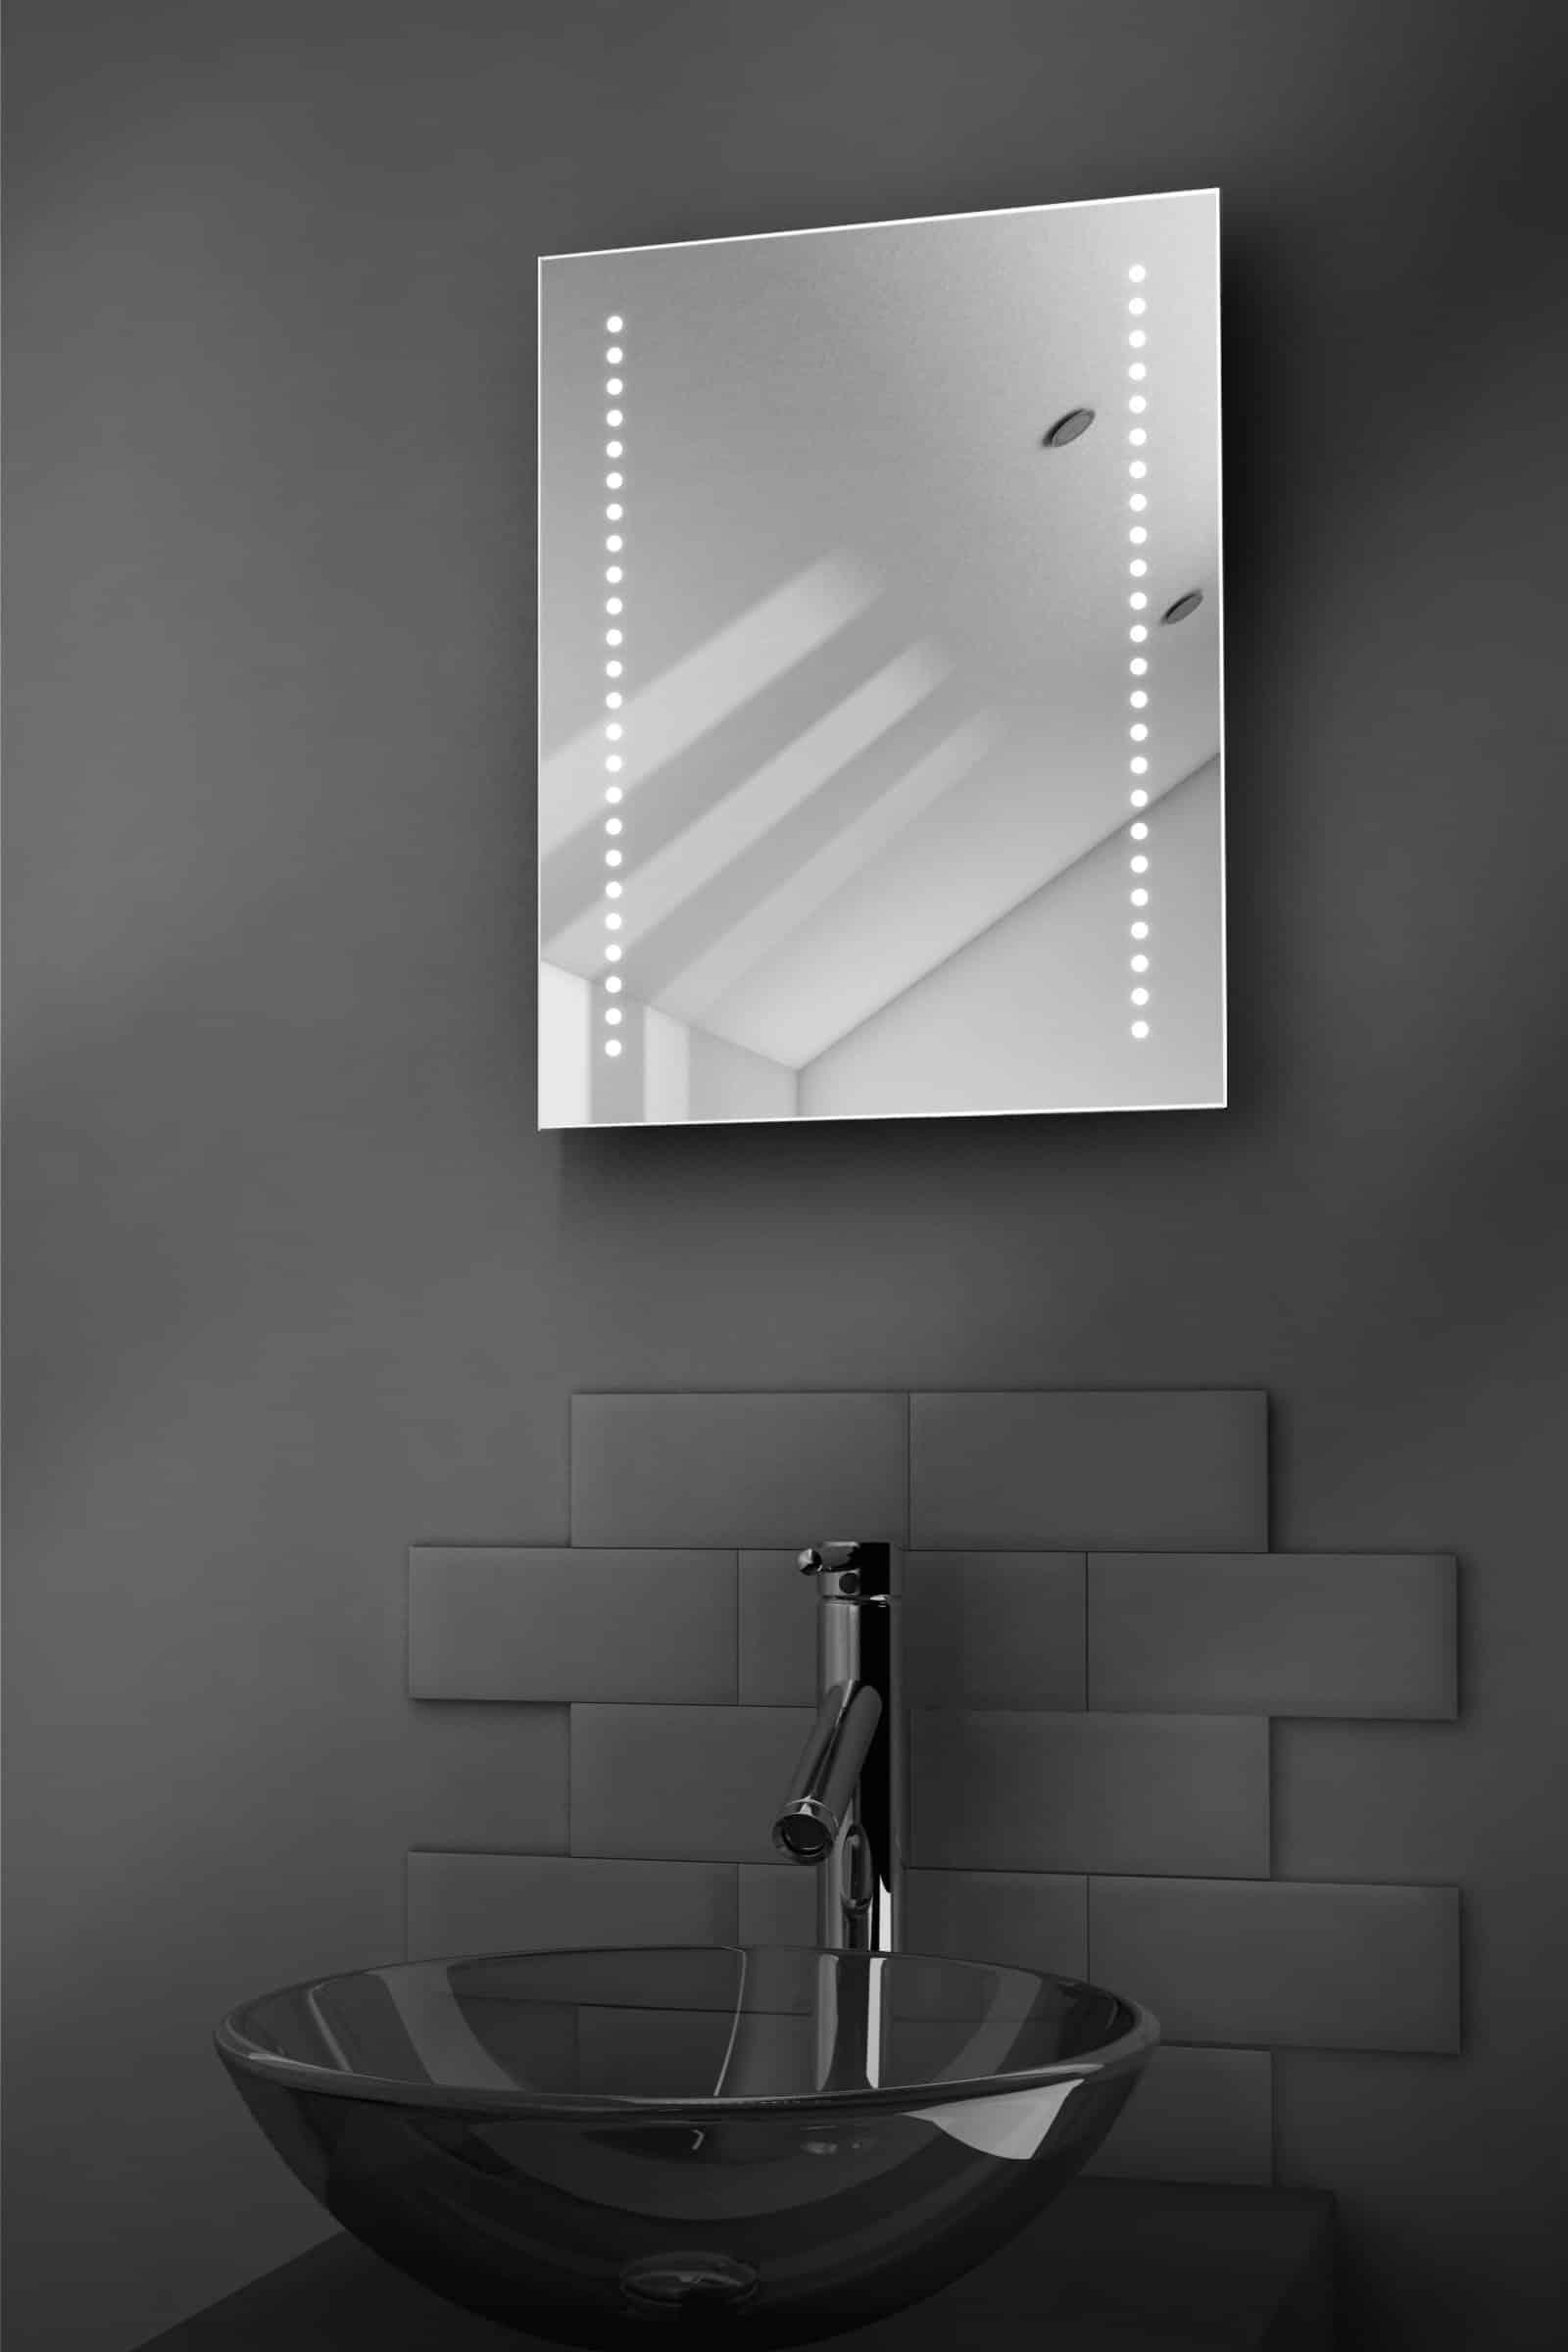 Badkamer spiegels met verlichting beste inspiratie voor huis ontwerp - Spiegel wc ontwerp ...